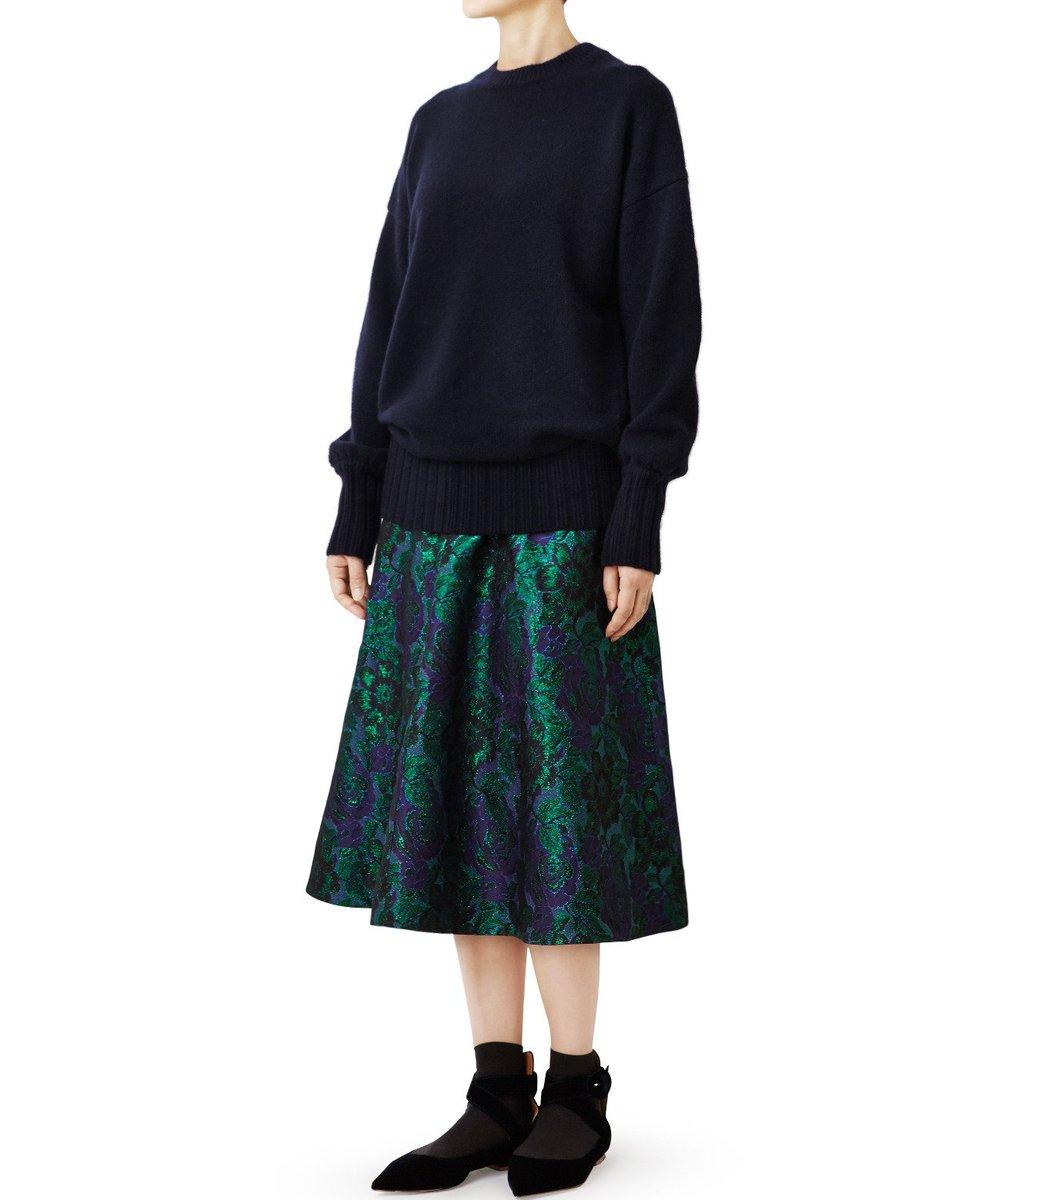 上品に輝く花柄のラメジャガードのスカートで秋冬のコーディネートに彩をプラス。 【LE CIEL BLEU】Lame Jacquard A-line Skirt / ¥31,320  https://t.co/yxnv5LHb7b https://t.co/cz3IxIp8Q4